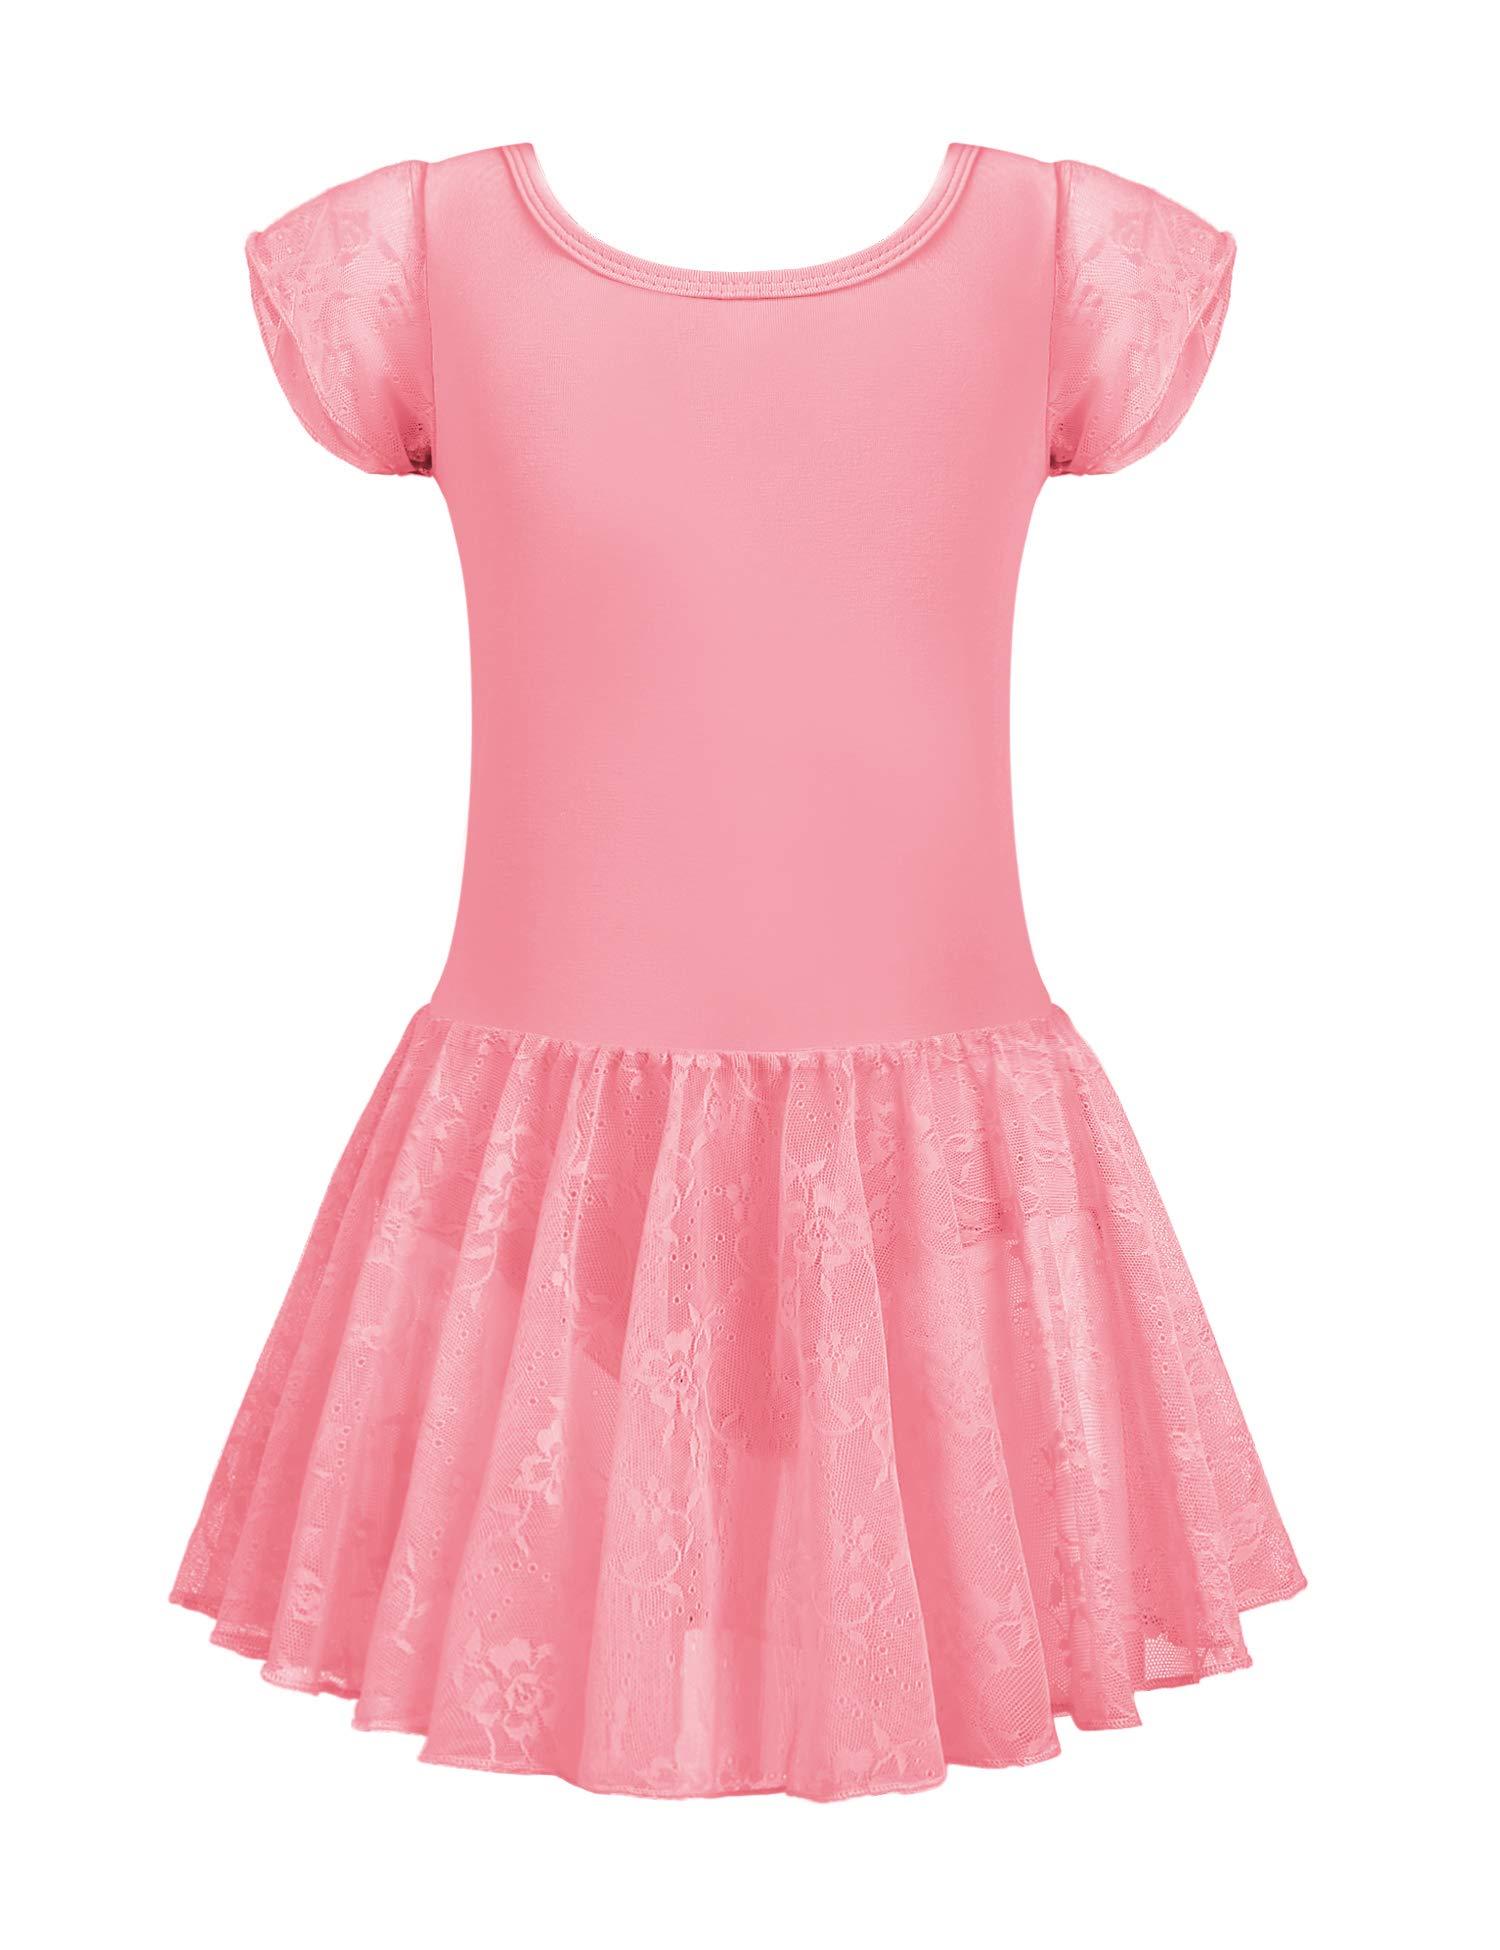 Zaclotre Girls Lace Sleeve Ballet Dance Dress Tutu Skirted Leotard